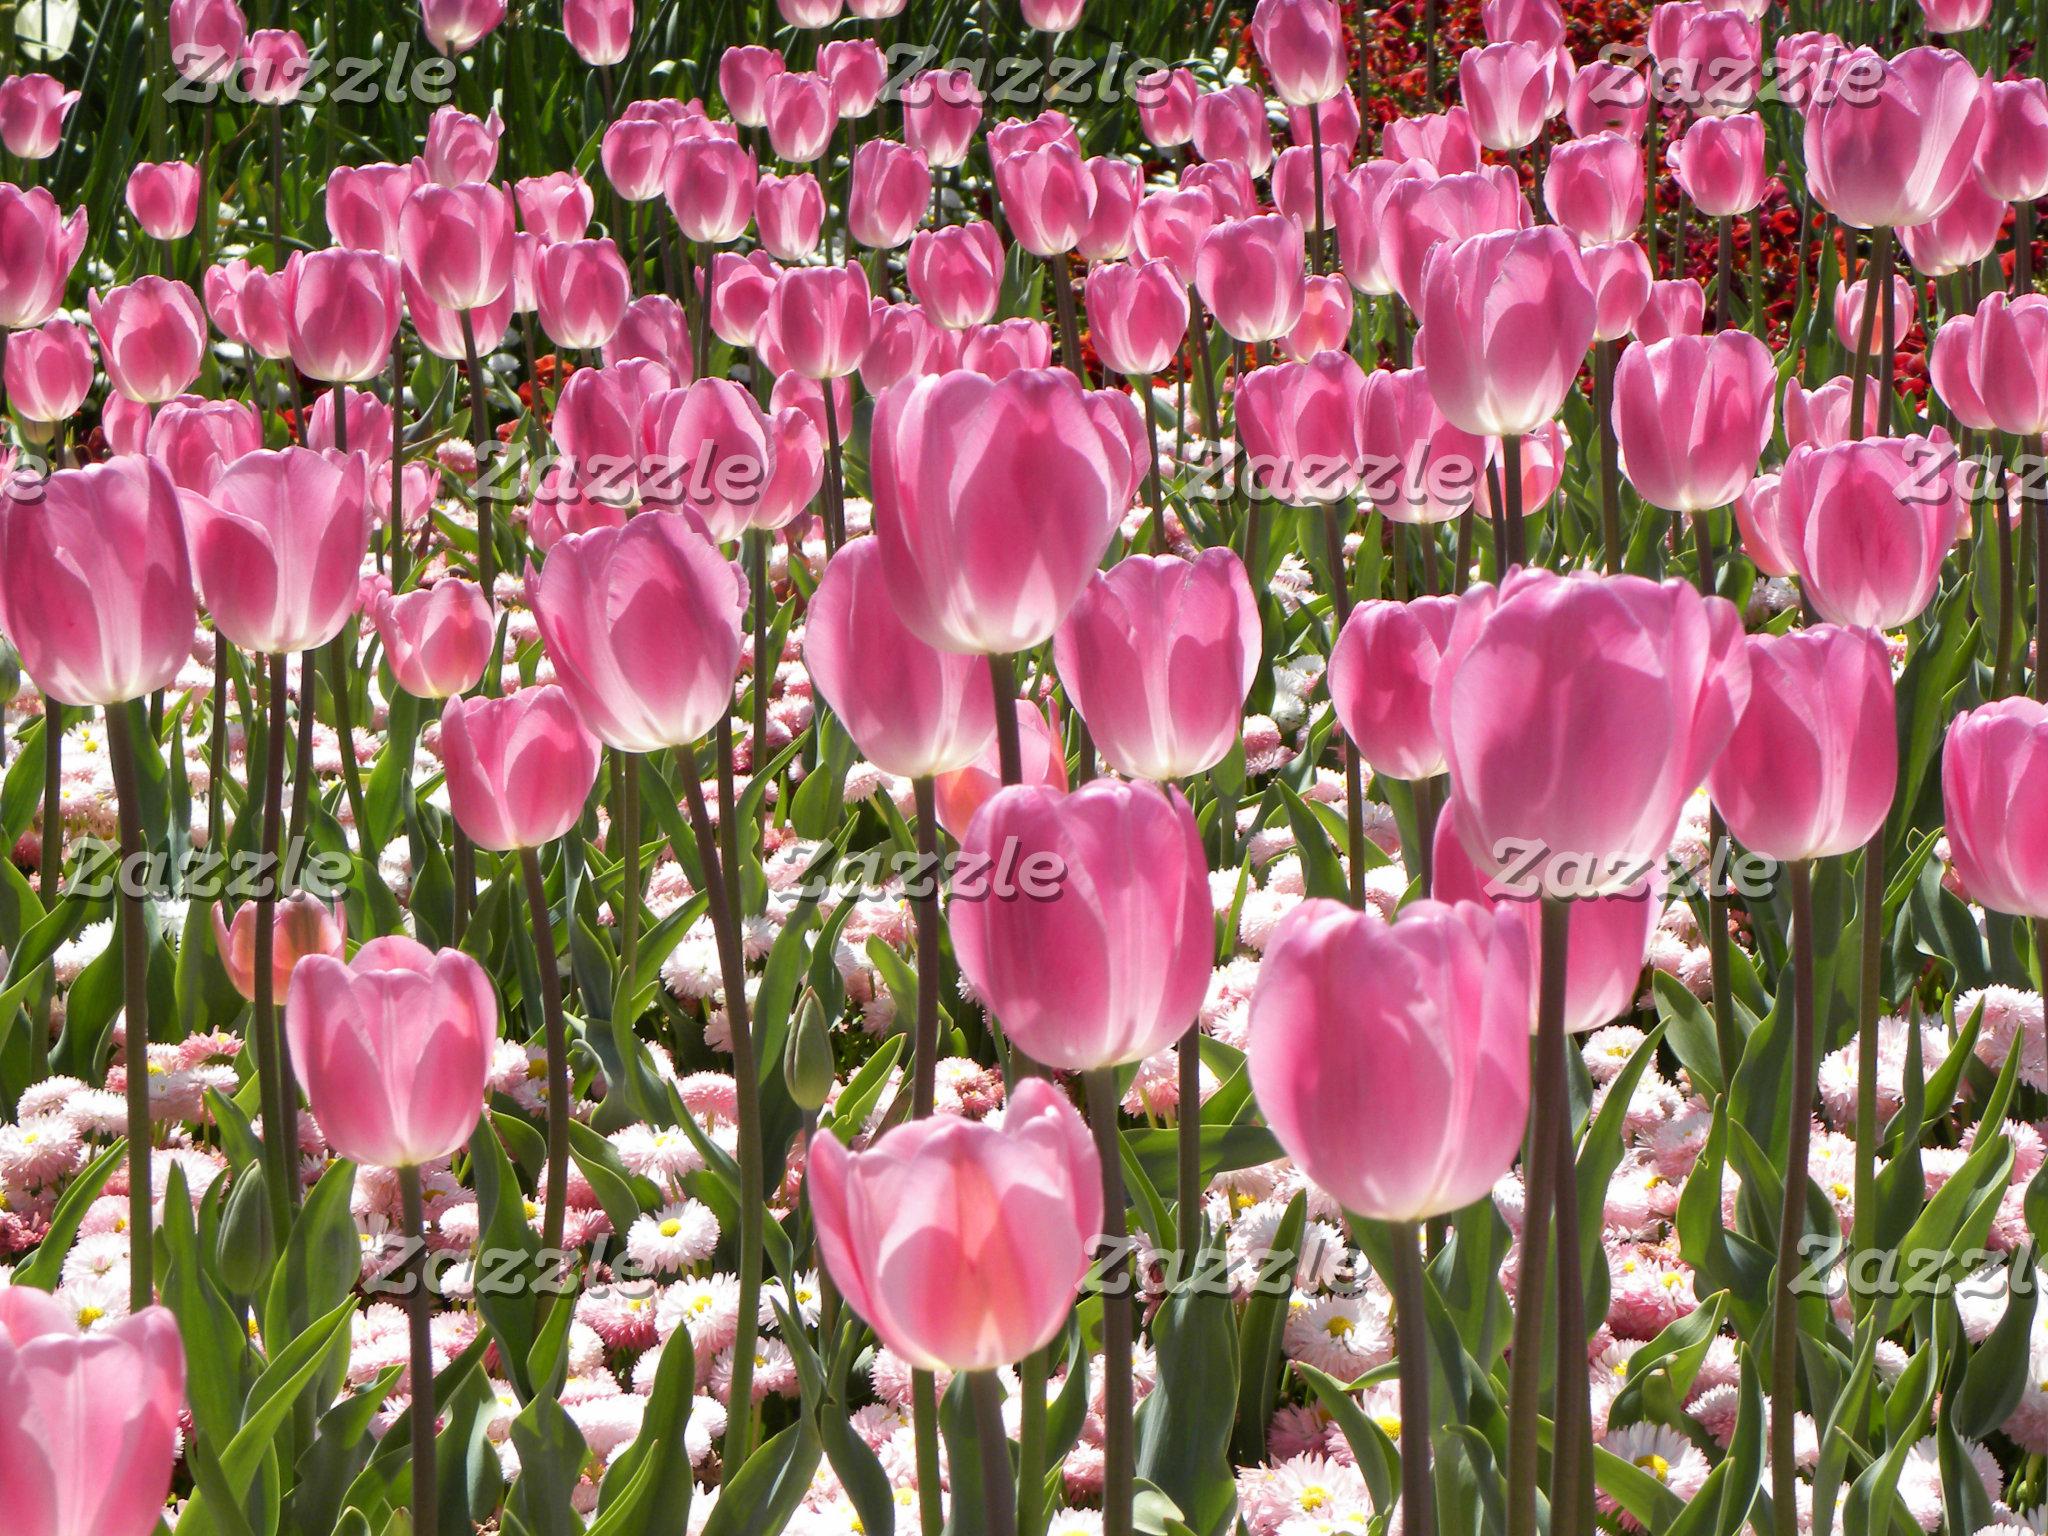 Canberra: Spring